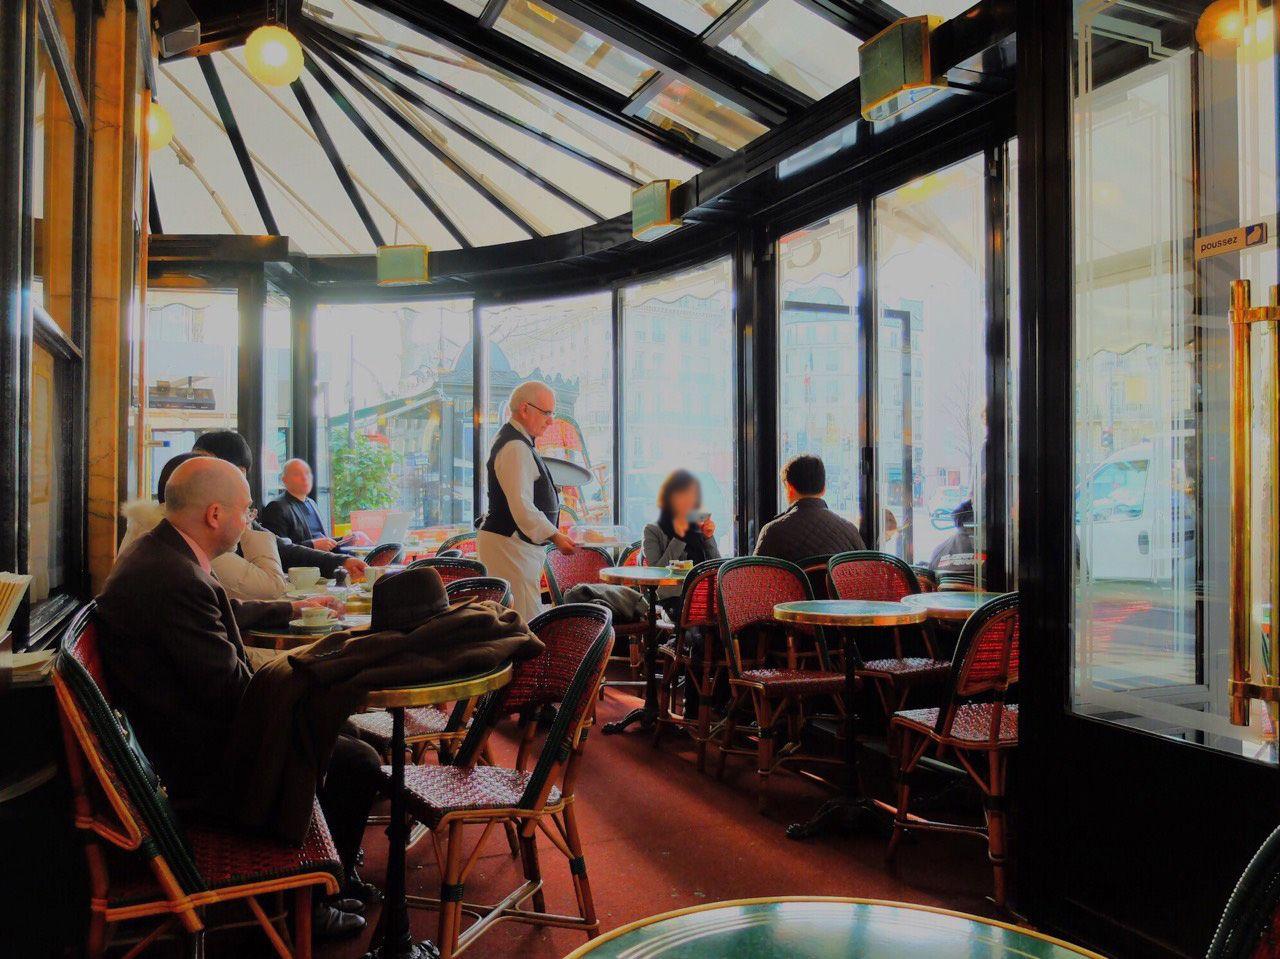 カフェ文化の本場パリ、とっておきのカフェ12選